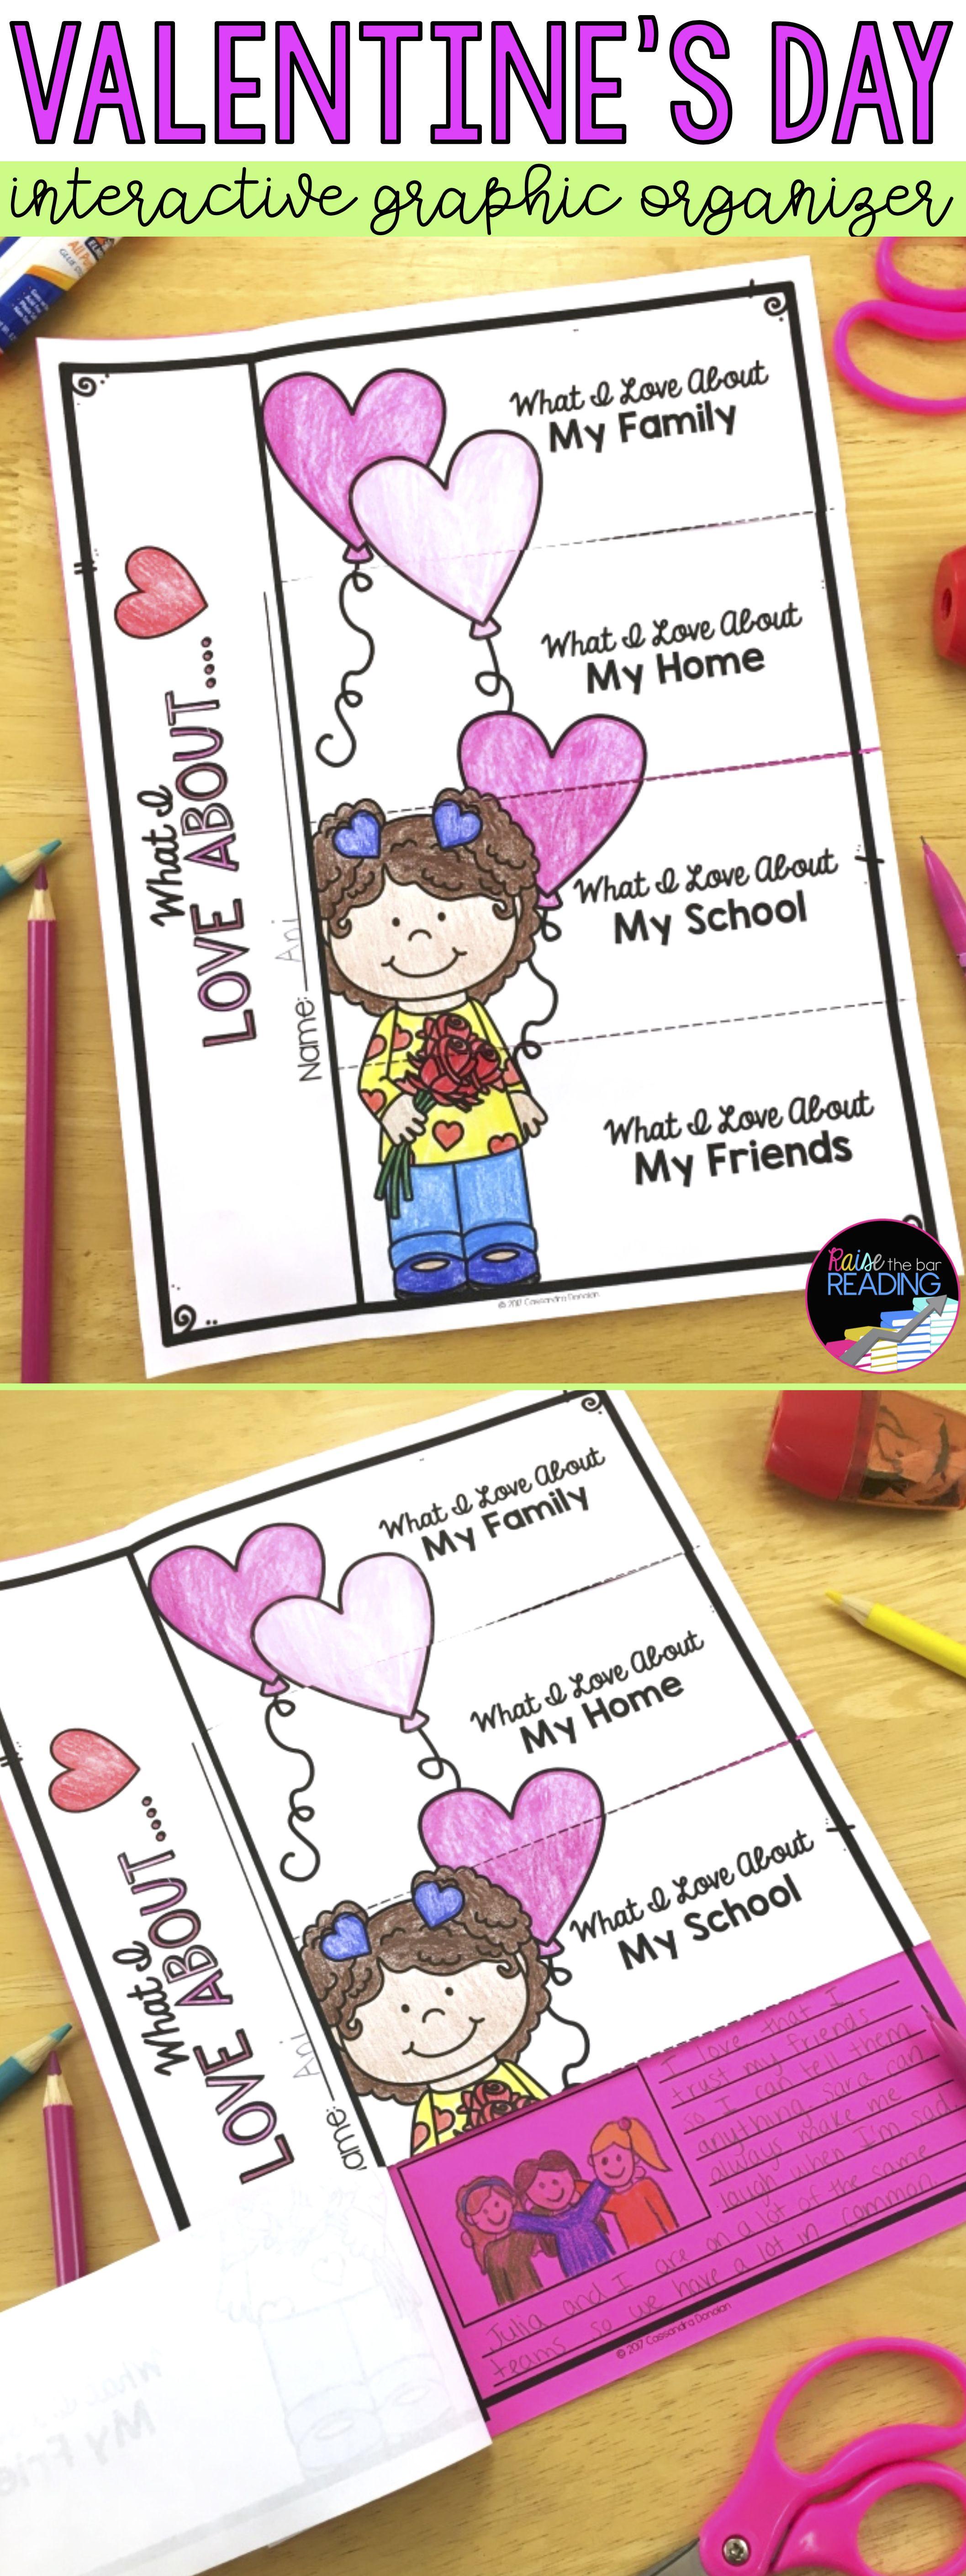 Valentine S Day Activities Valentine S Day Crafts